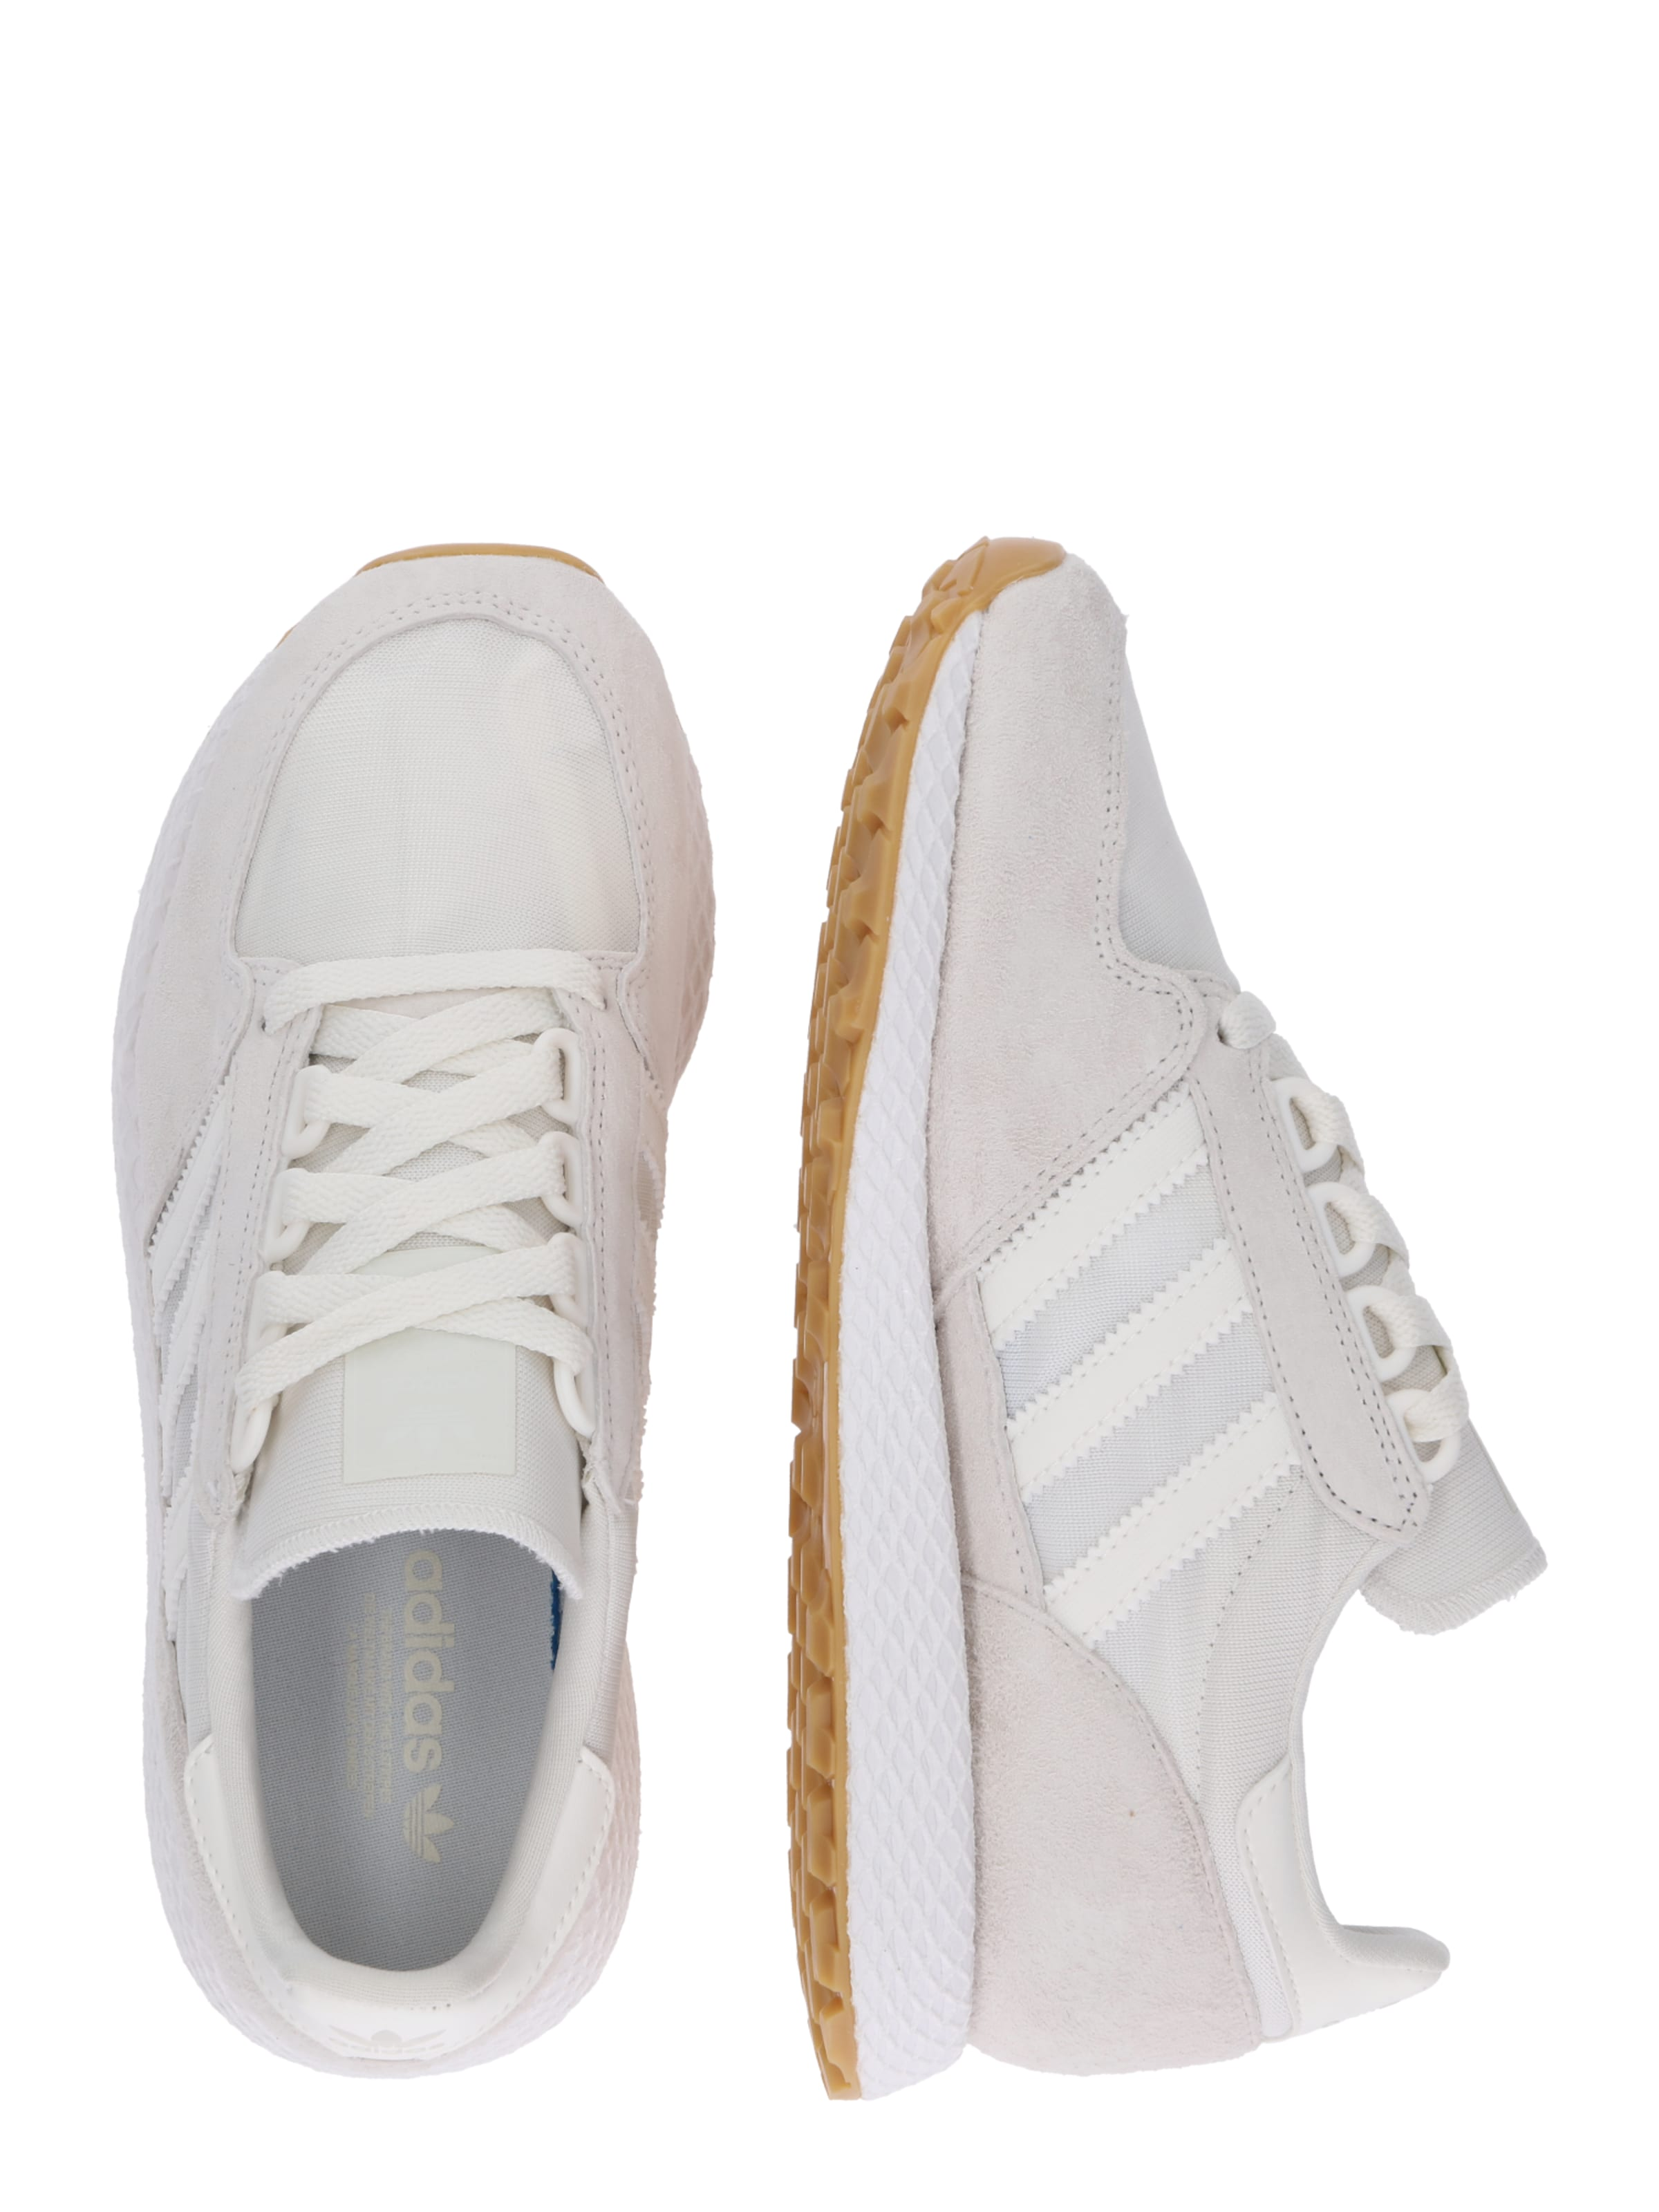 Sneaker 'forest Originals Adidas Grove' In HellgrauWeiß 1clFKJ3T